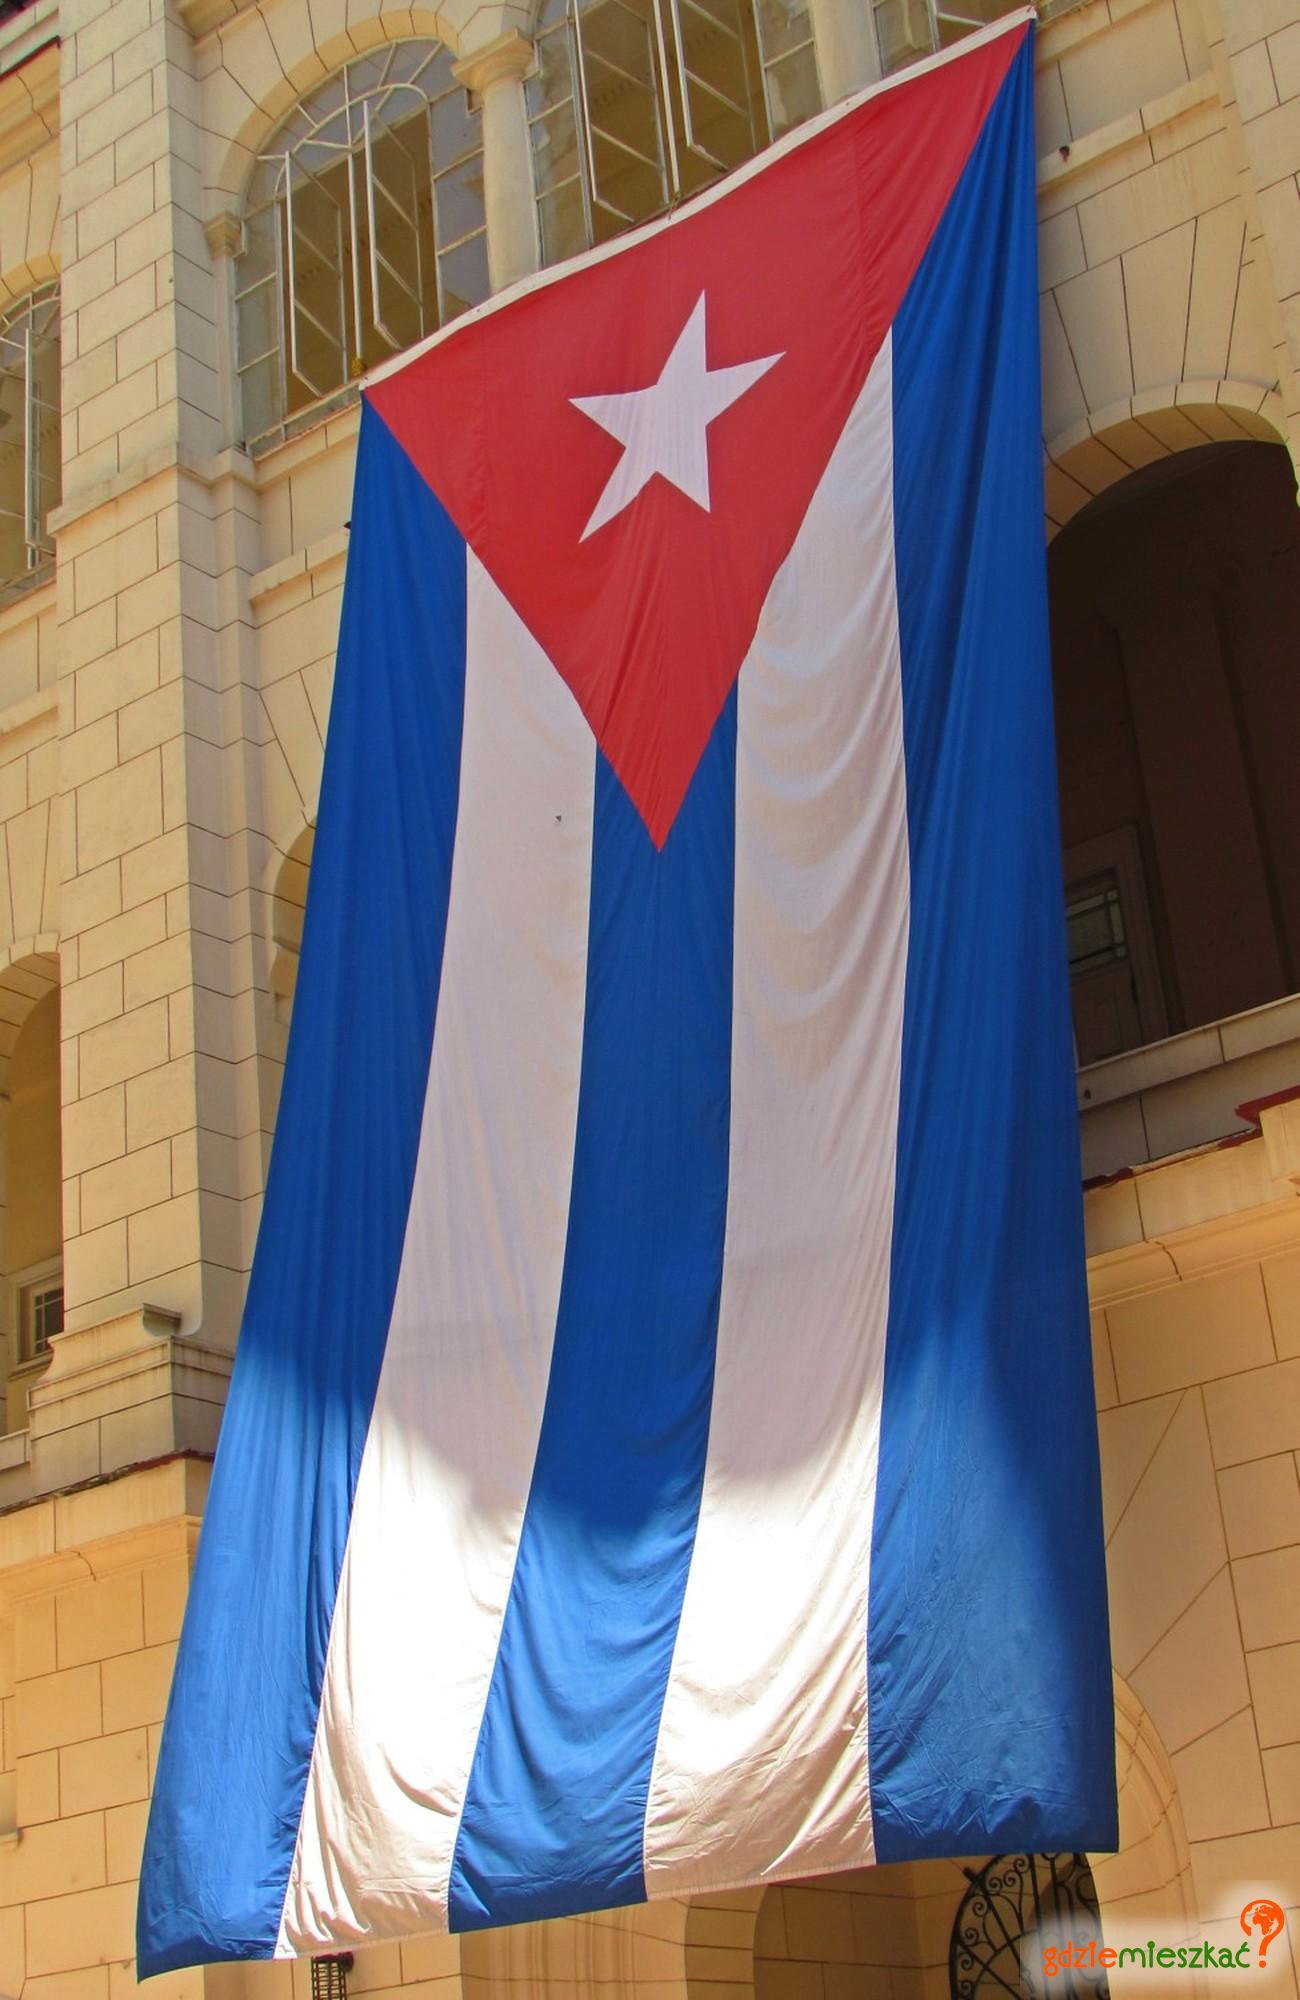 Kuba, co to takiego?